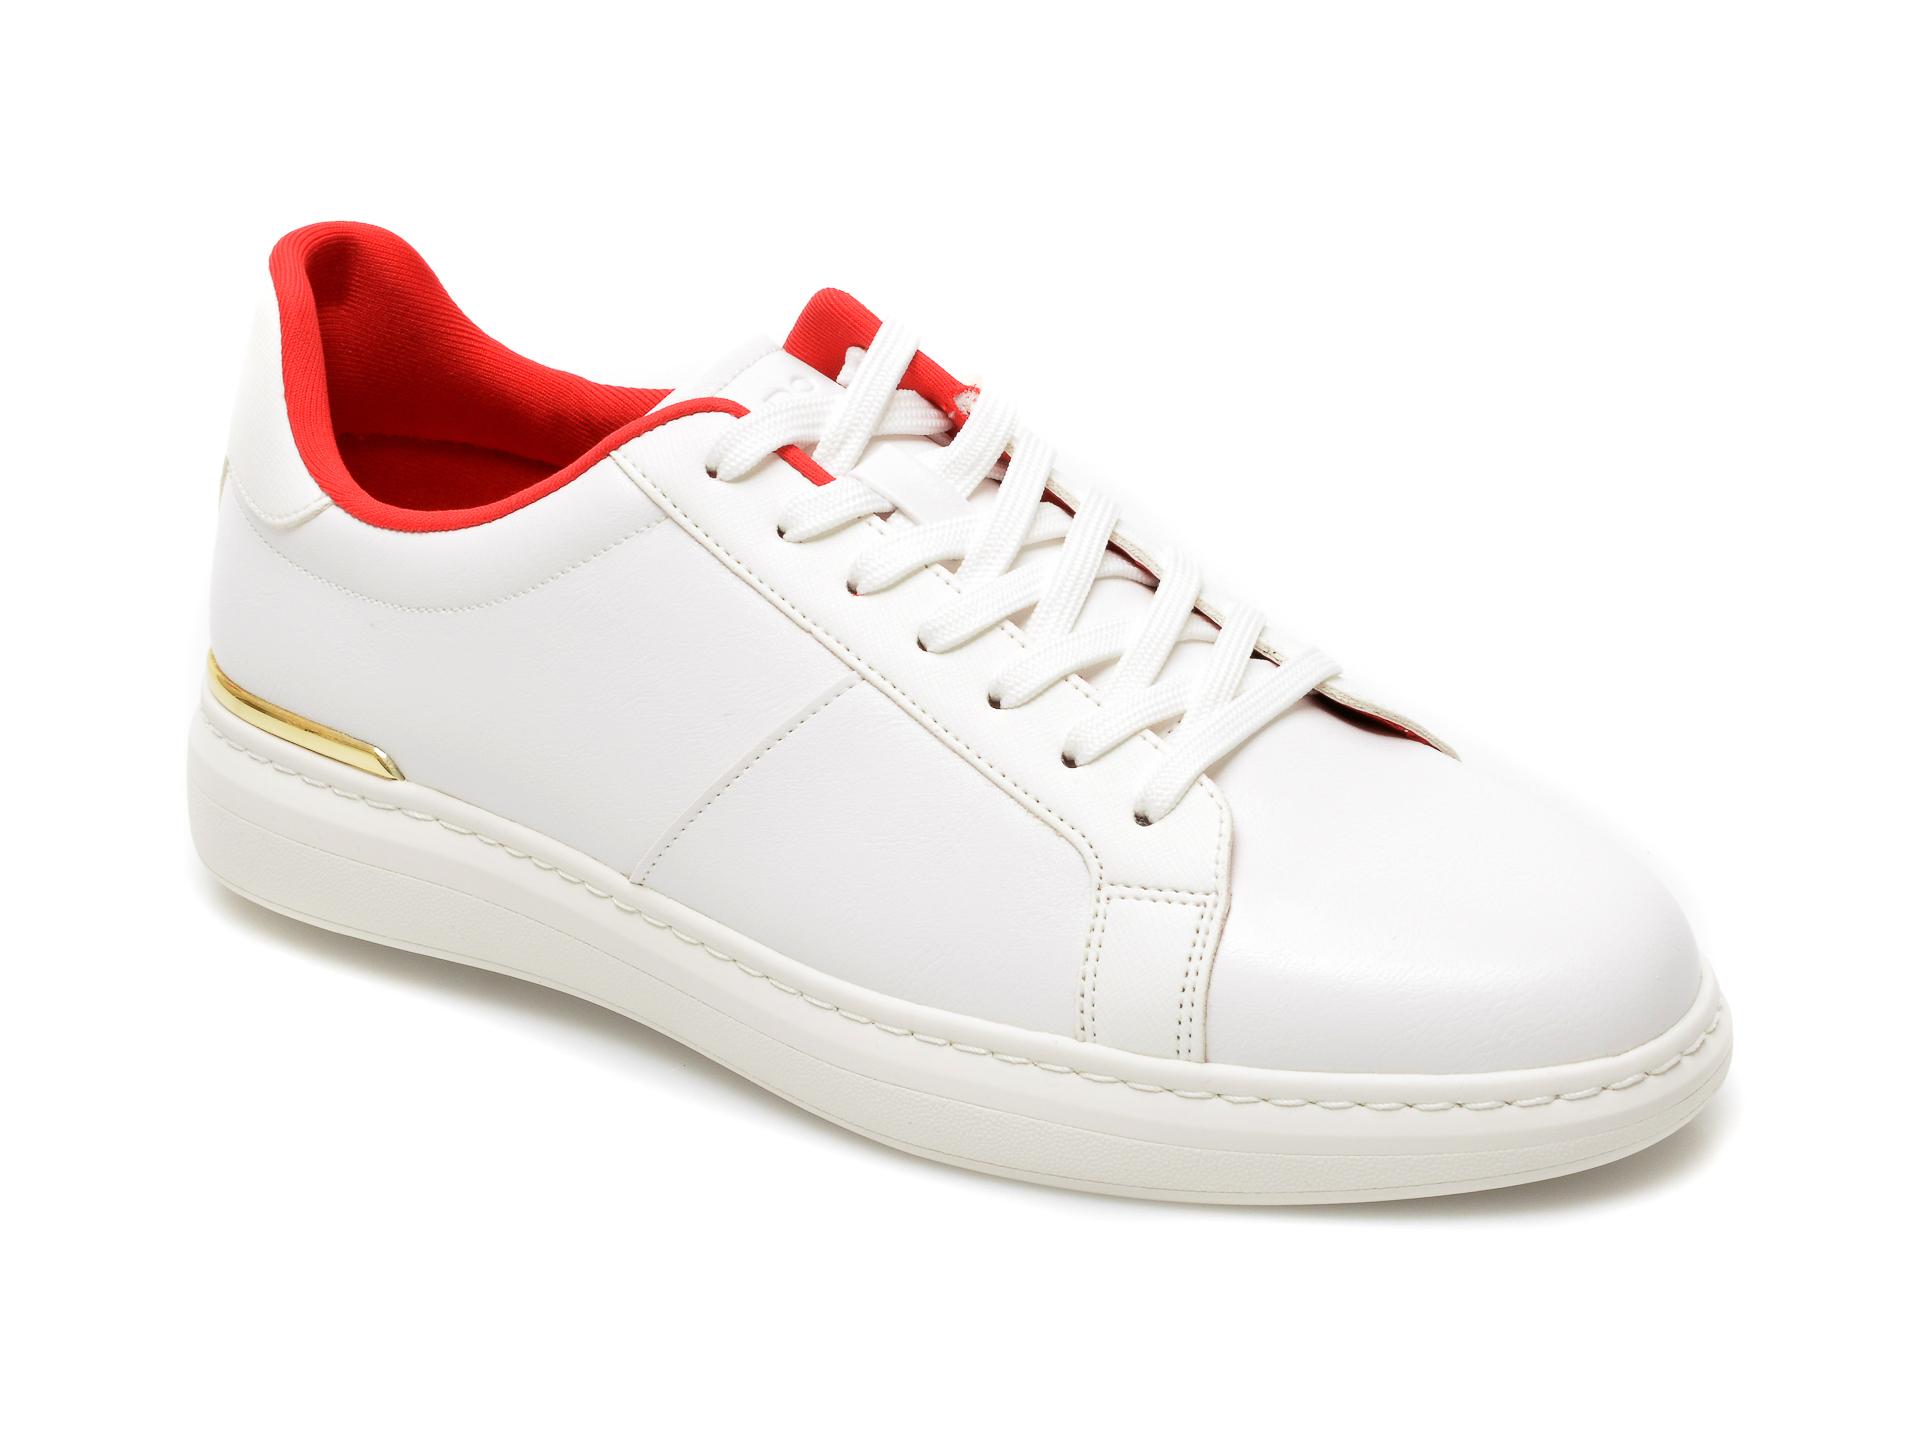 Pantofi ALDO albi, Tosien100, din piele ecologica imagine